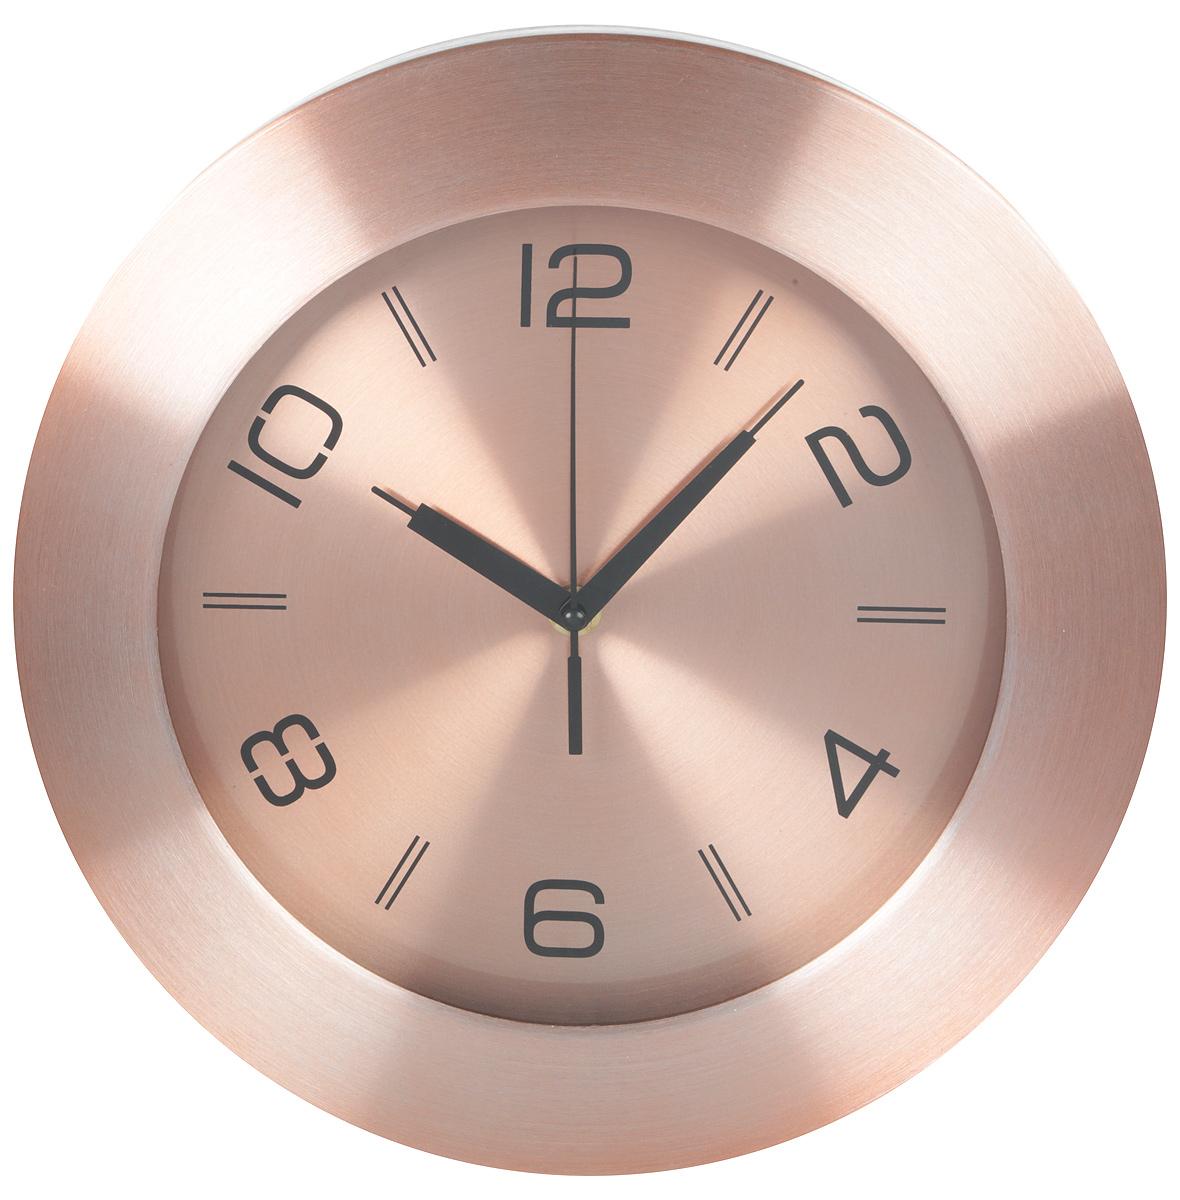 Часы настенные Arte Nuevo, диаметр 30 смEG7763-CU97Часы настенные Arte Nuevo станут изюминкой в дизайне интерьера вашегодома. Часы имеют три стрелки - часовую, минутную и секундную. Часовоймеханизм сзадизакрыт пластиковым корпусом. Предусмотрено отверстие для крепления настену. Диаметр часов: 30 см.